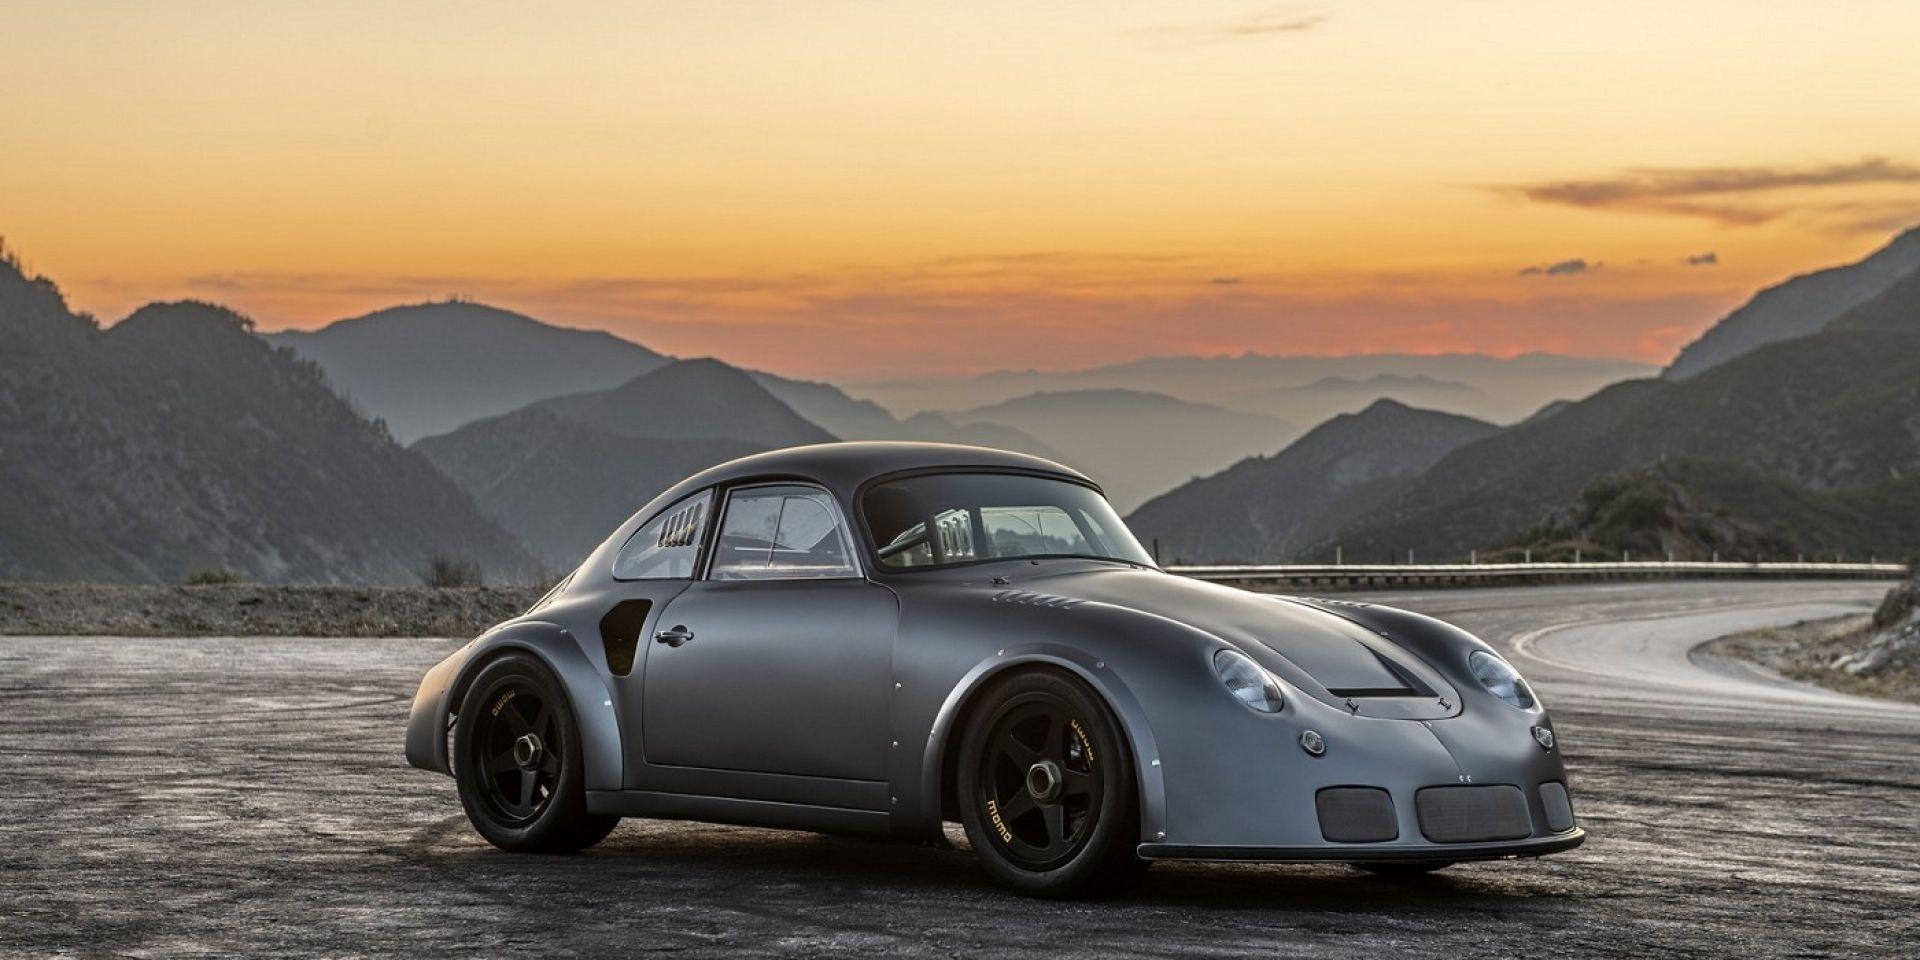 再現利曼賽道榮光!Porsche356 RSR以400匹馬力重新問世!